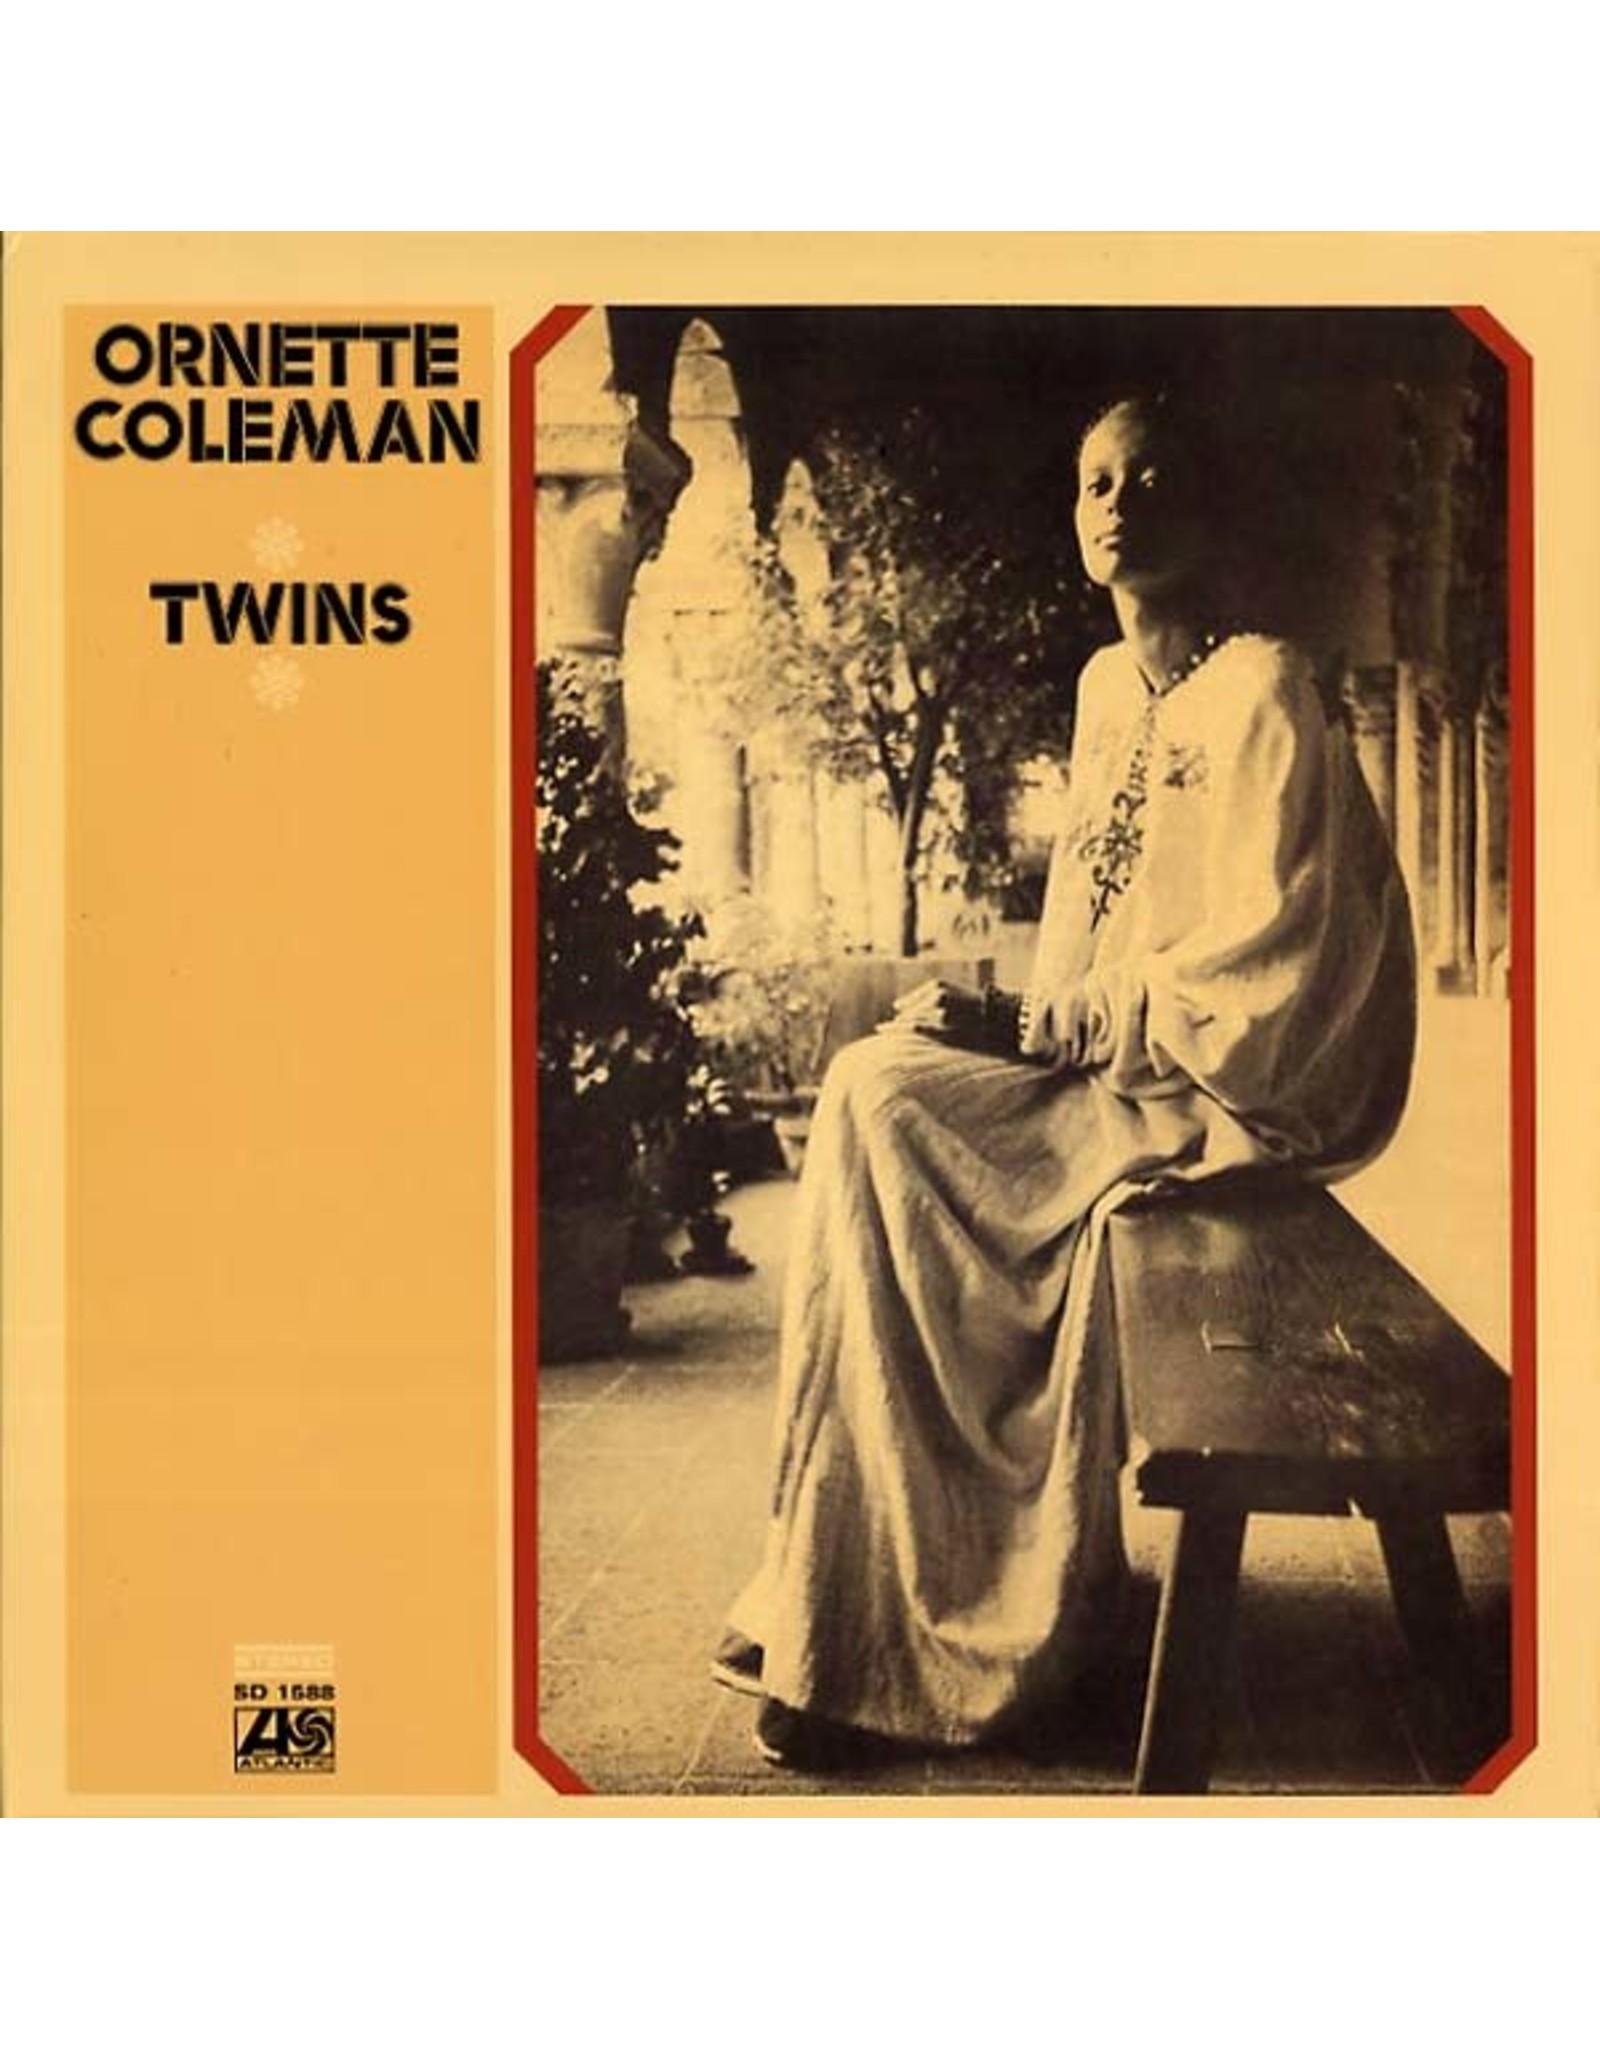 New Vinyl Ornette Coleman - Twins LP